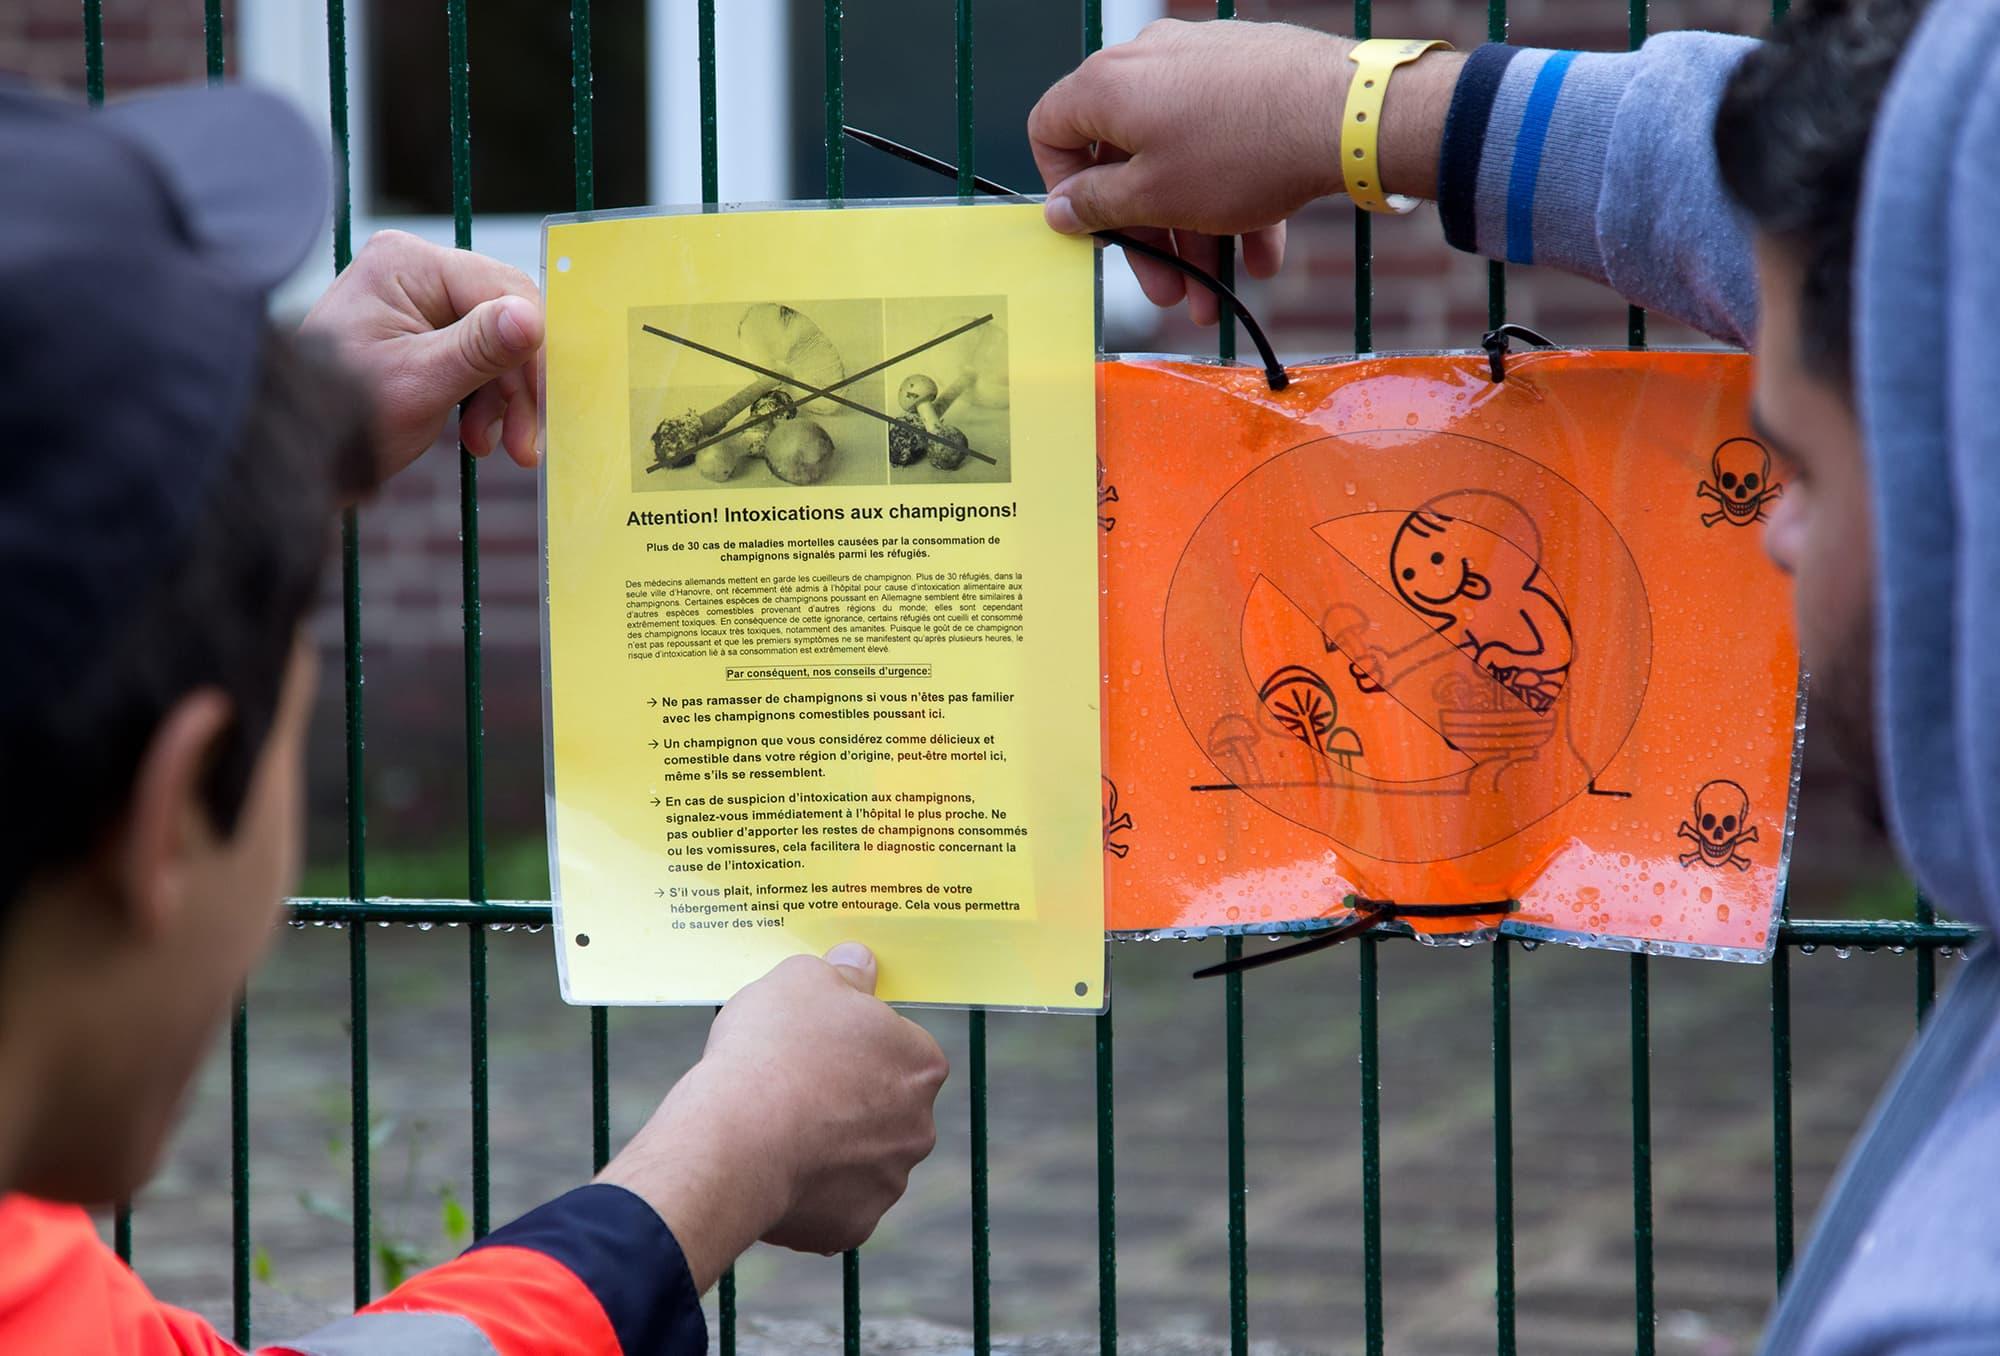 Erittäin myrkyllisistä kavalakärpässienistä varoittavaa kylttiä asetetaan aitaan Saksassa.